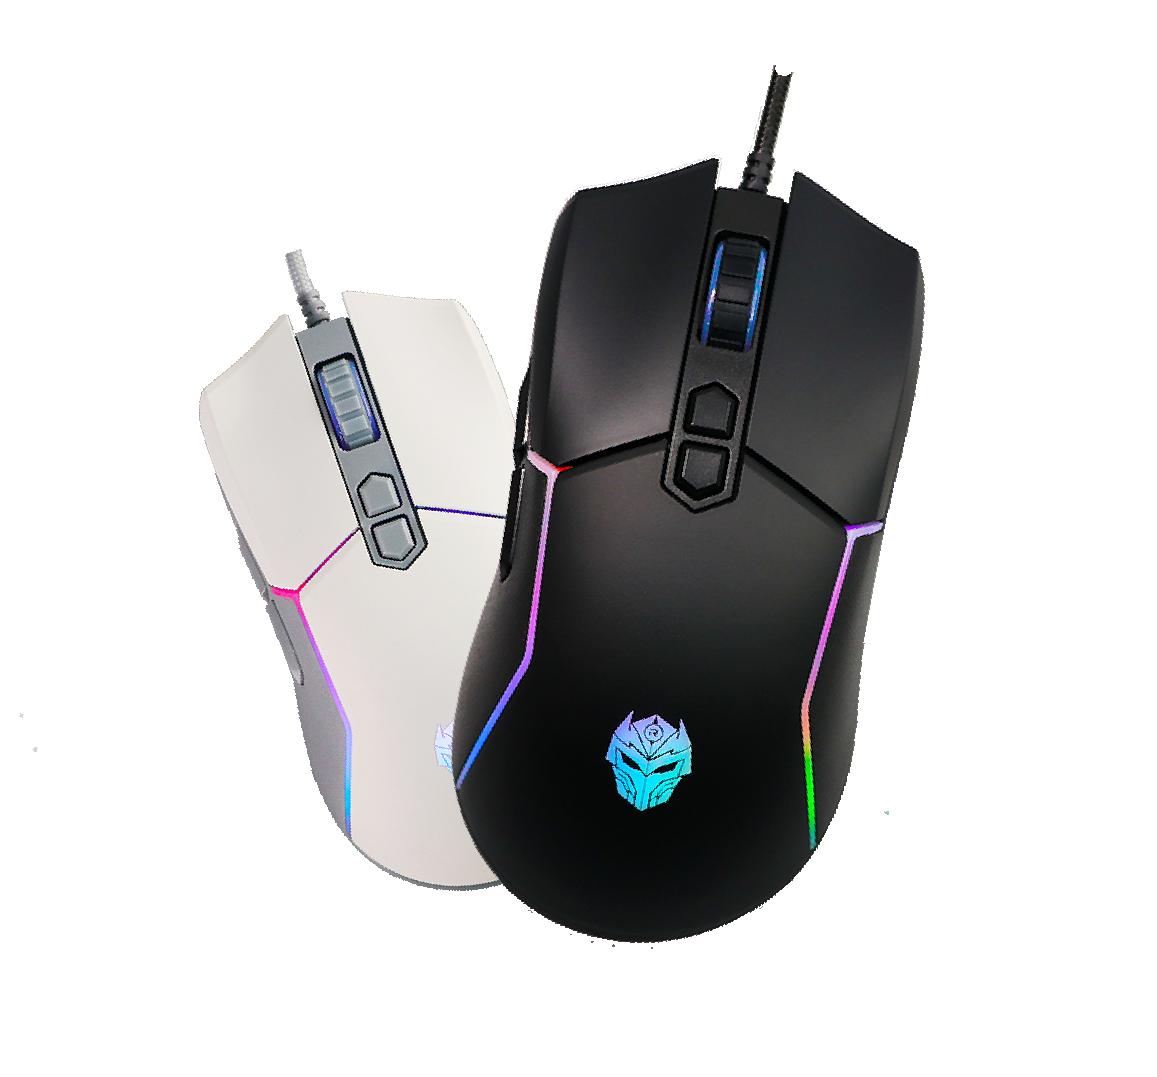 gaming mouse Mouse Gaming Thumbnail 2 gaming mouse Mouse Gaming Thumbnail 2